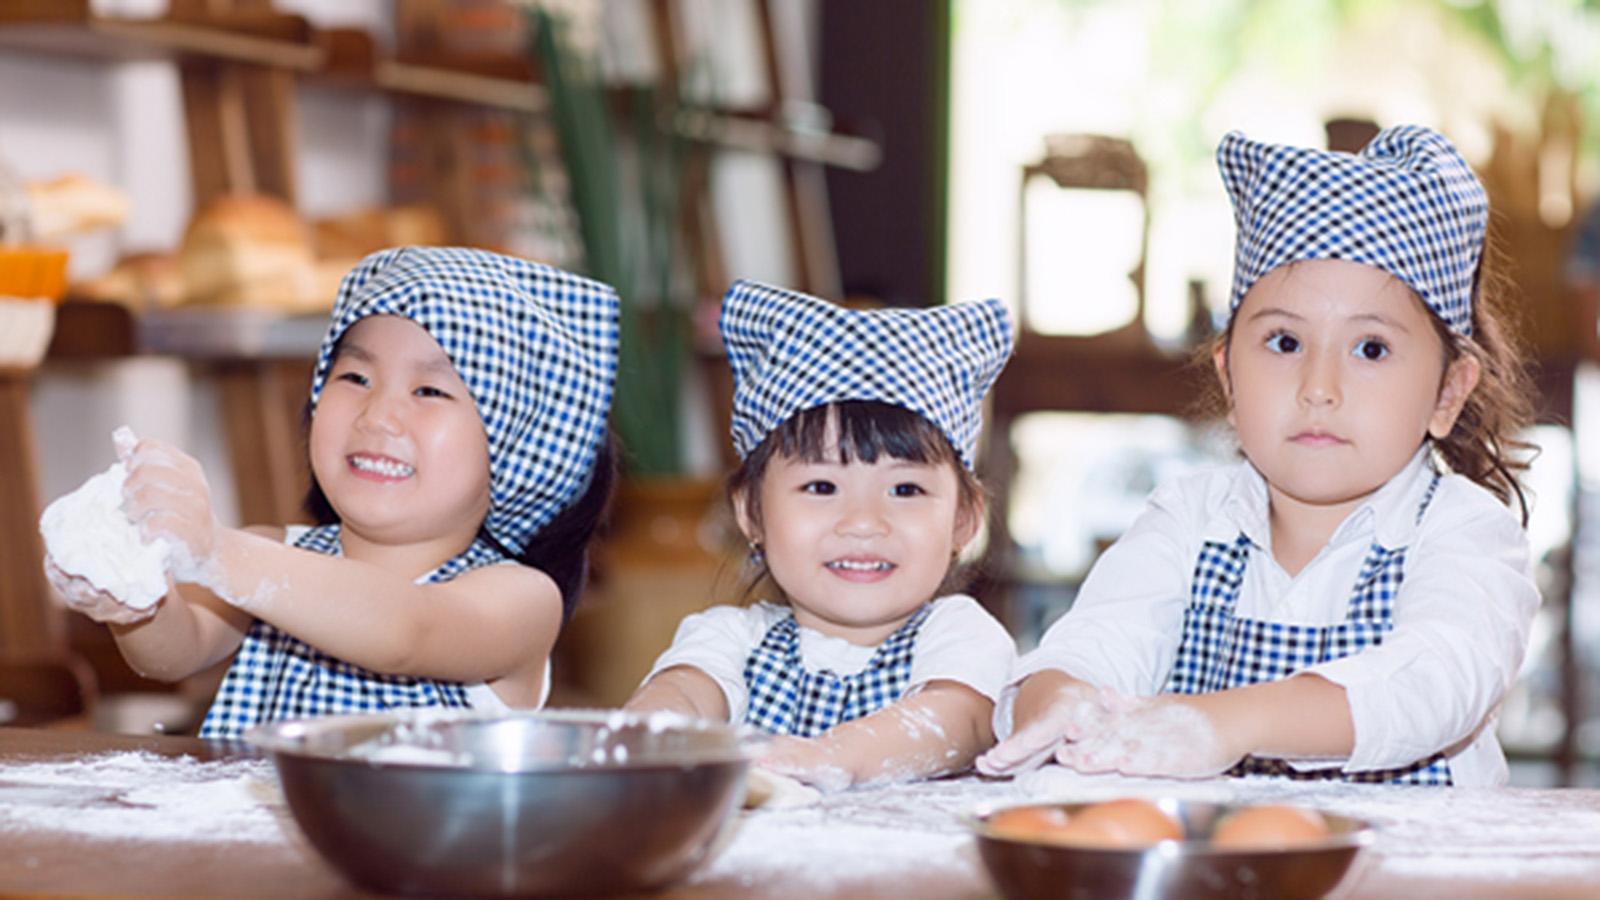 Học mẹ Nhật dạy trẻ làm bếp để con ăn ngoan hơn, tại sao mẹ chưa thử? - ảnh 2